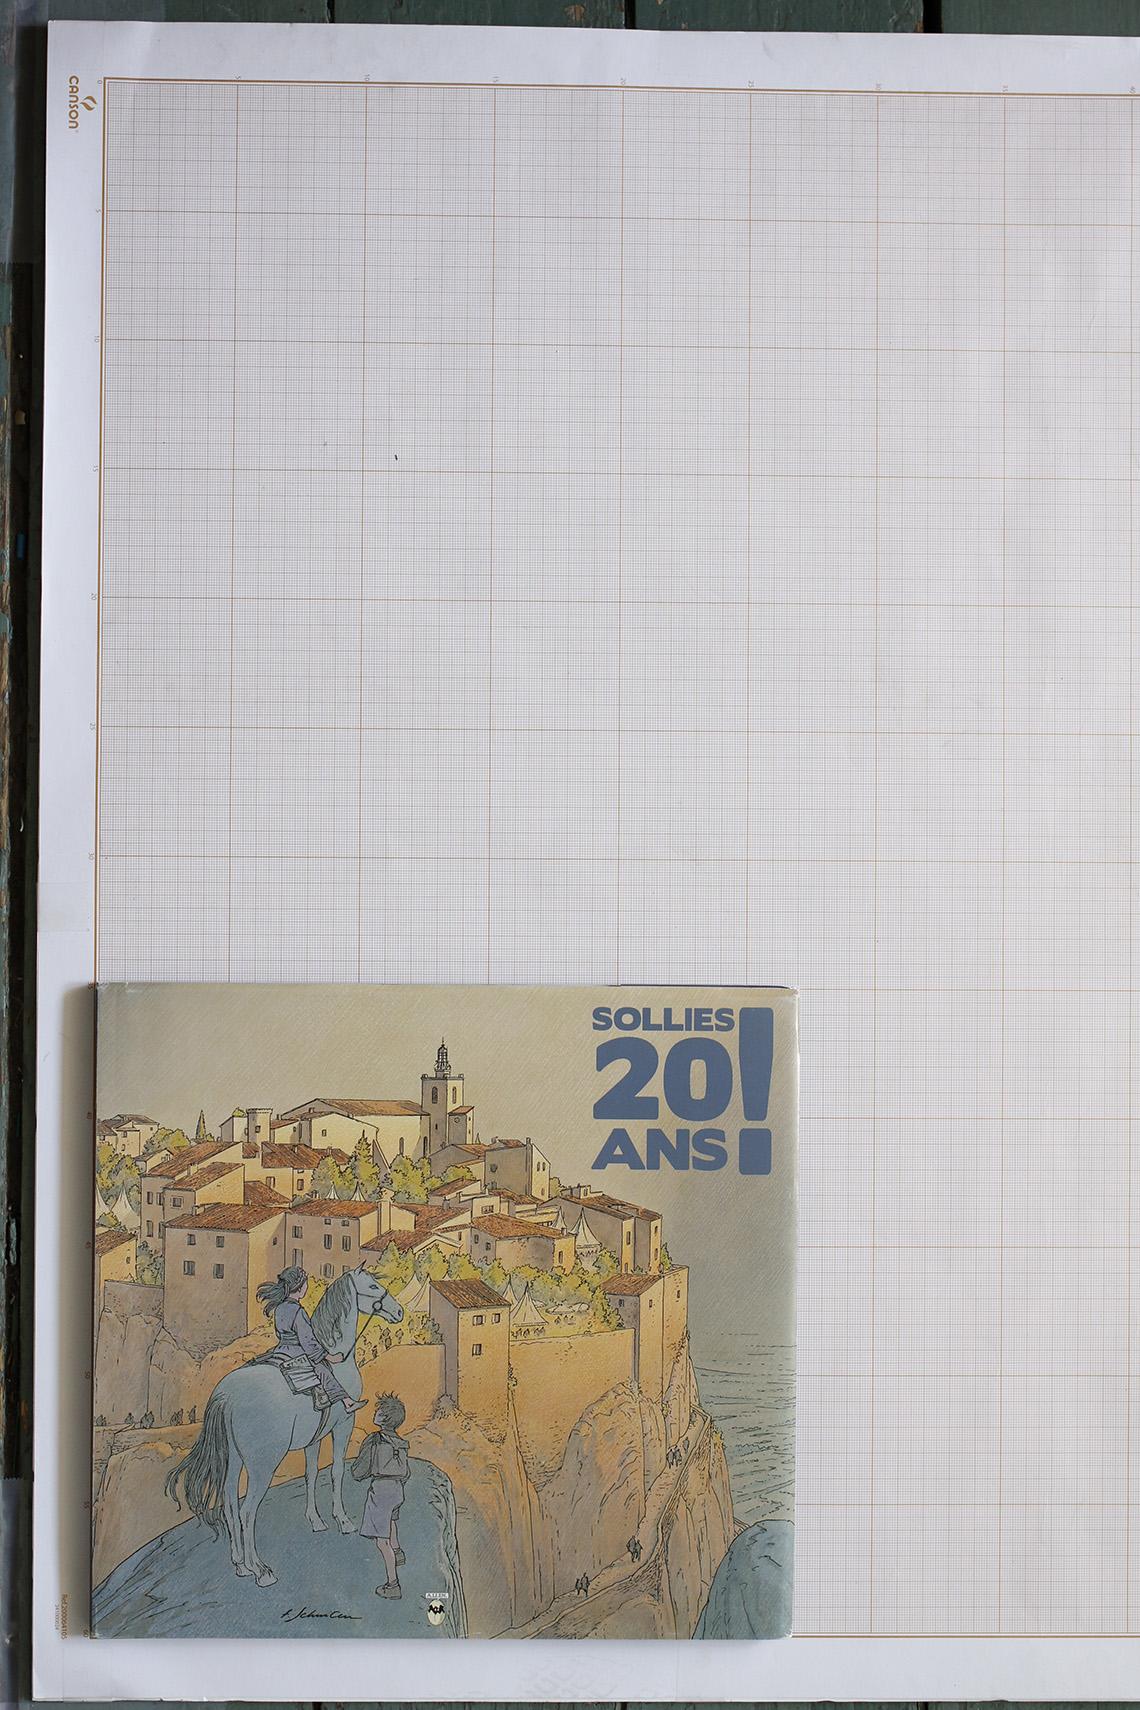 Sollies 20 ans! Collectif - A.LI.EN. (Association Littéraire ENfantine)© Maison Autrique, 2008